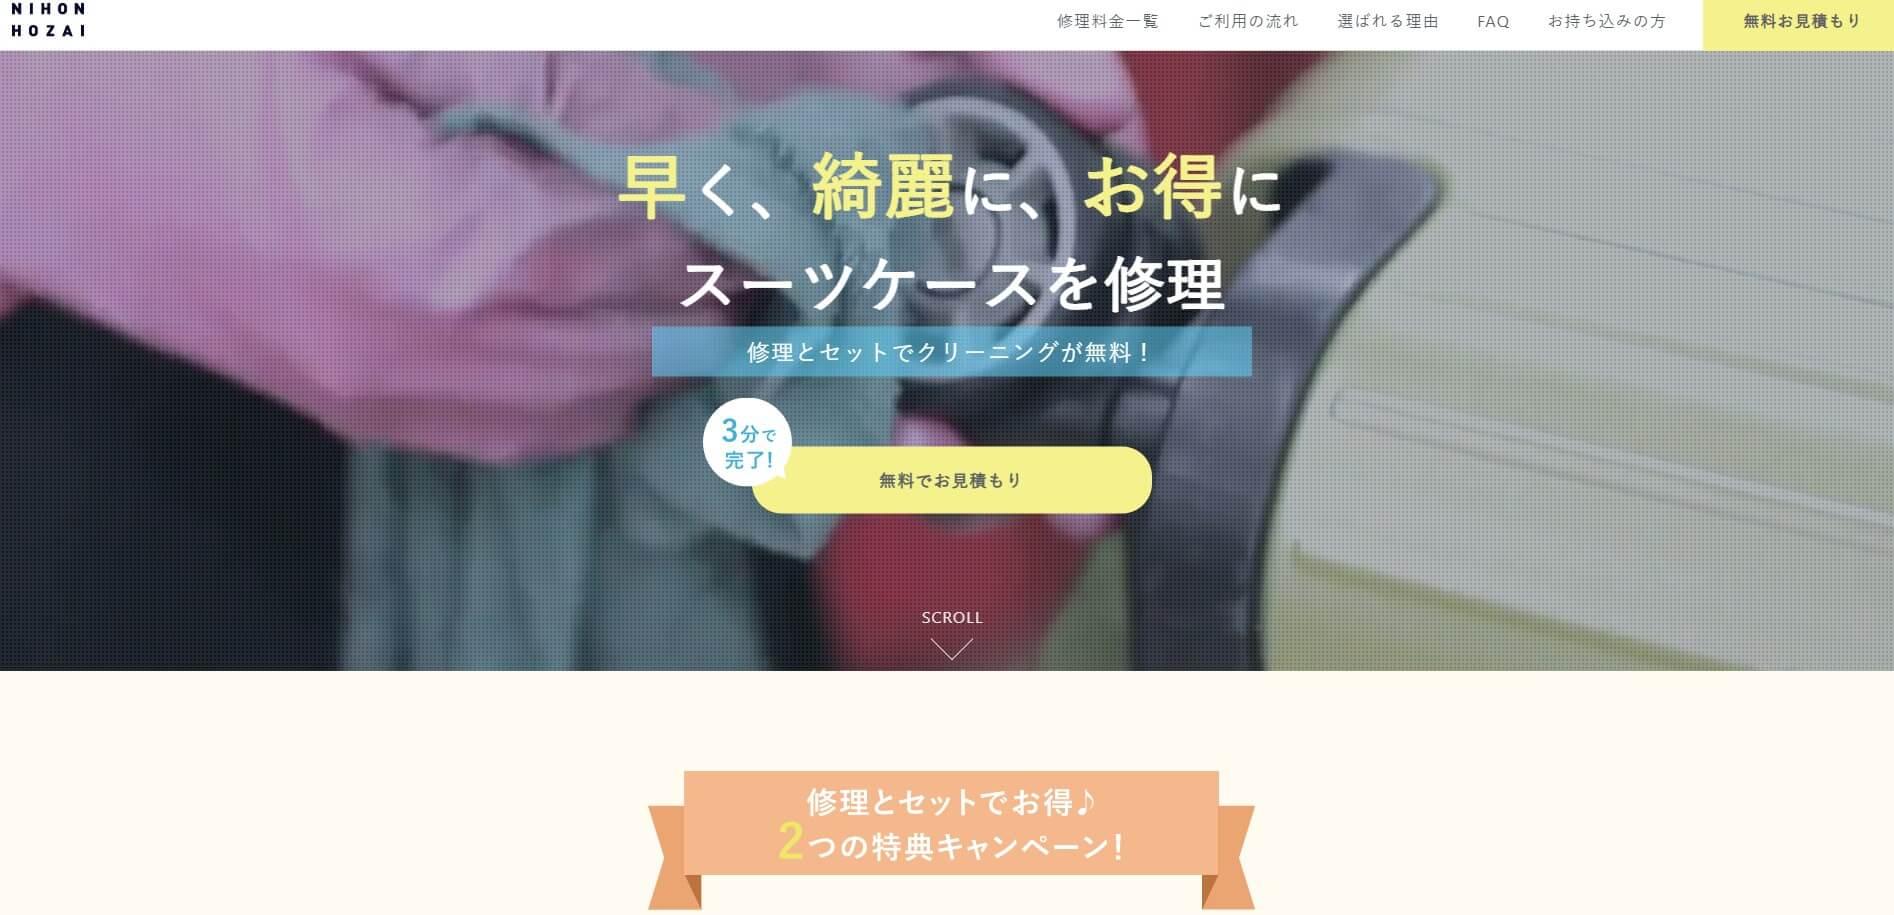 スーツケース修理サイト